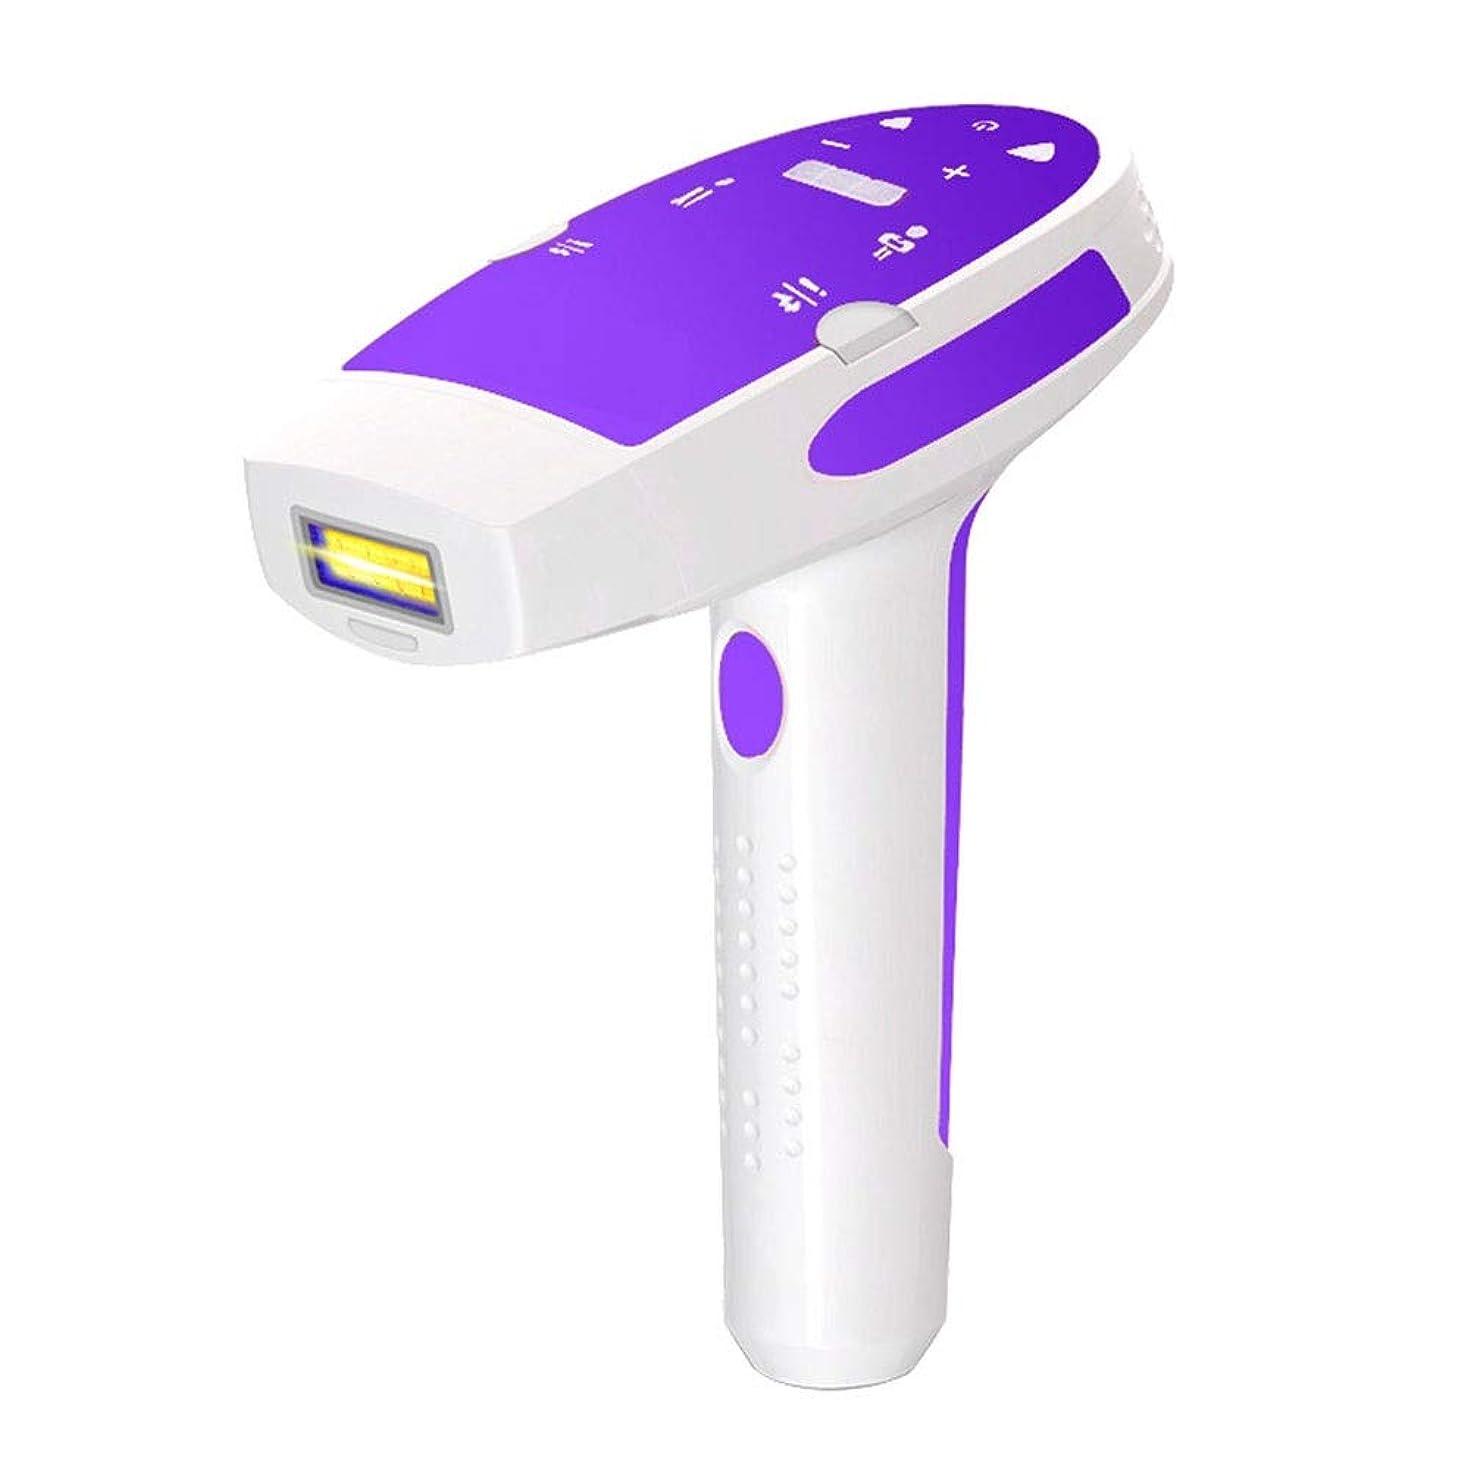 ペンフレンド知覚的認証紫、石英ランプの管、男性と女性のための痛みのない脱毛器具、3ランプホルダー、サイズ:22 X 22 X 10 Cm 安全性 (Color : Purple)